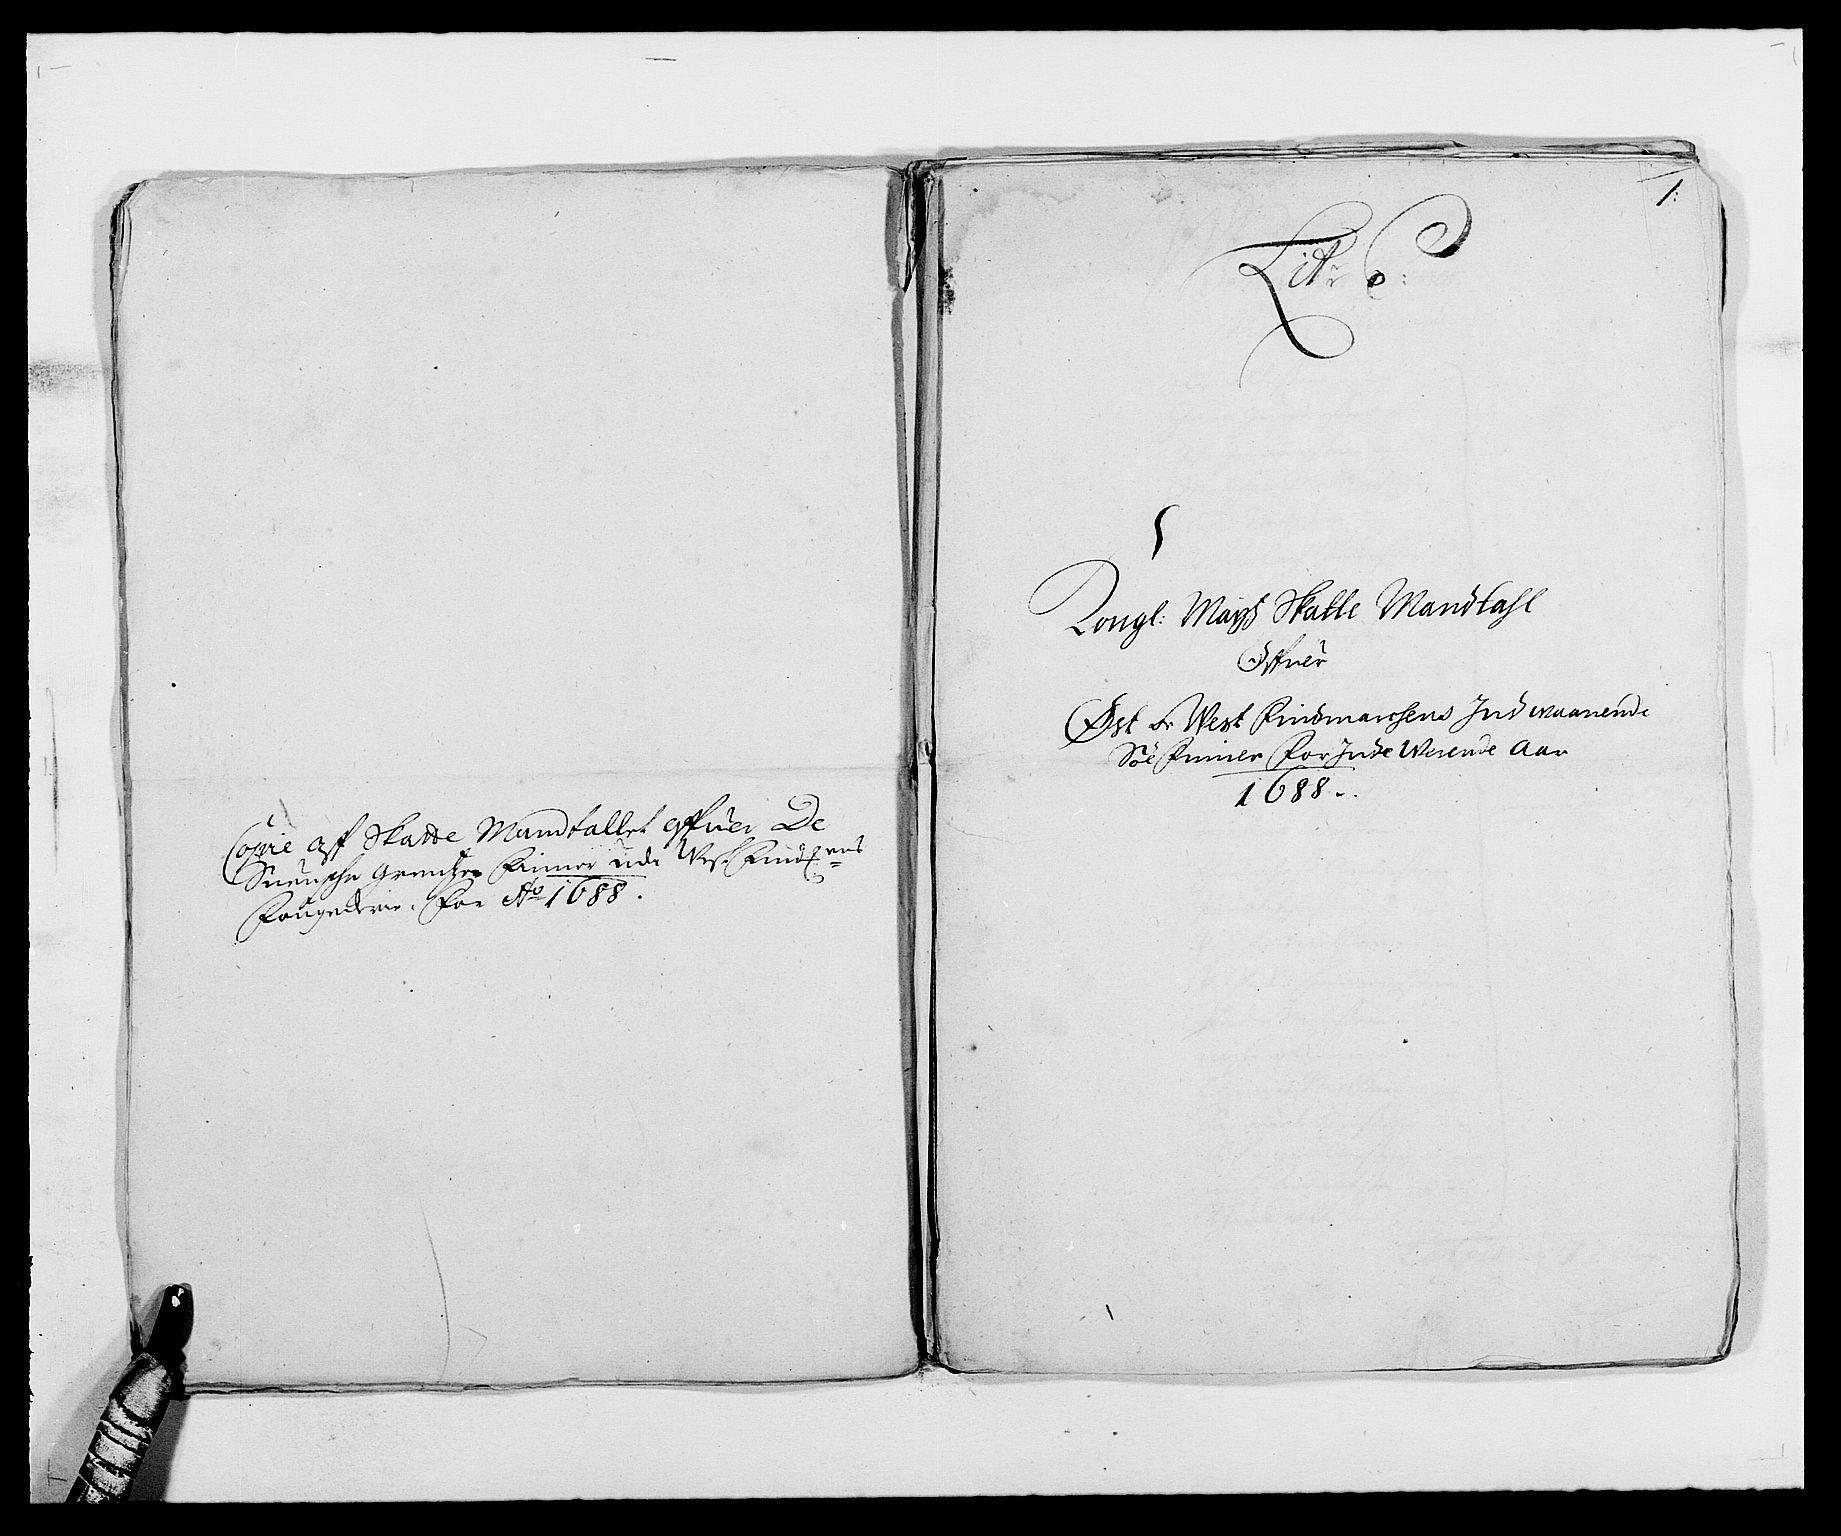 RA, Rentekammeret inntil 1814, Reviderte regnskaper, Fogderegnskap, R69/L4850: Fogderegnskap Finnmark/Vardøhus, 1680-1690, s. 84